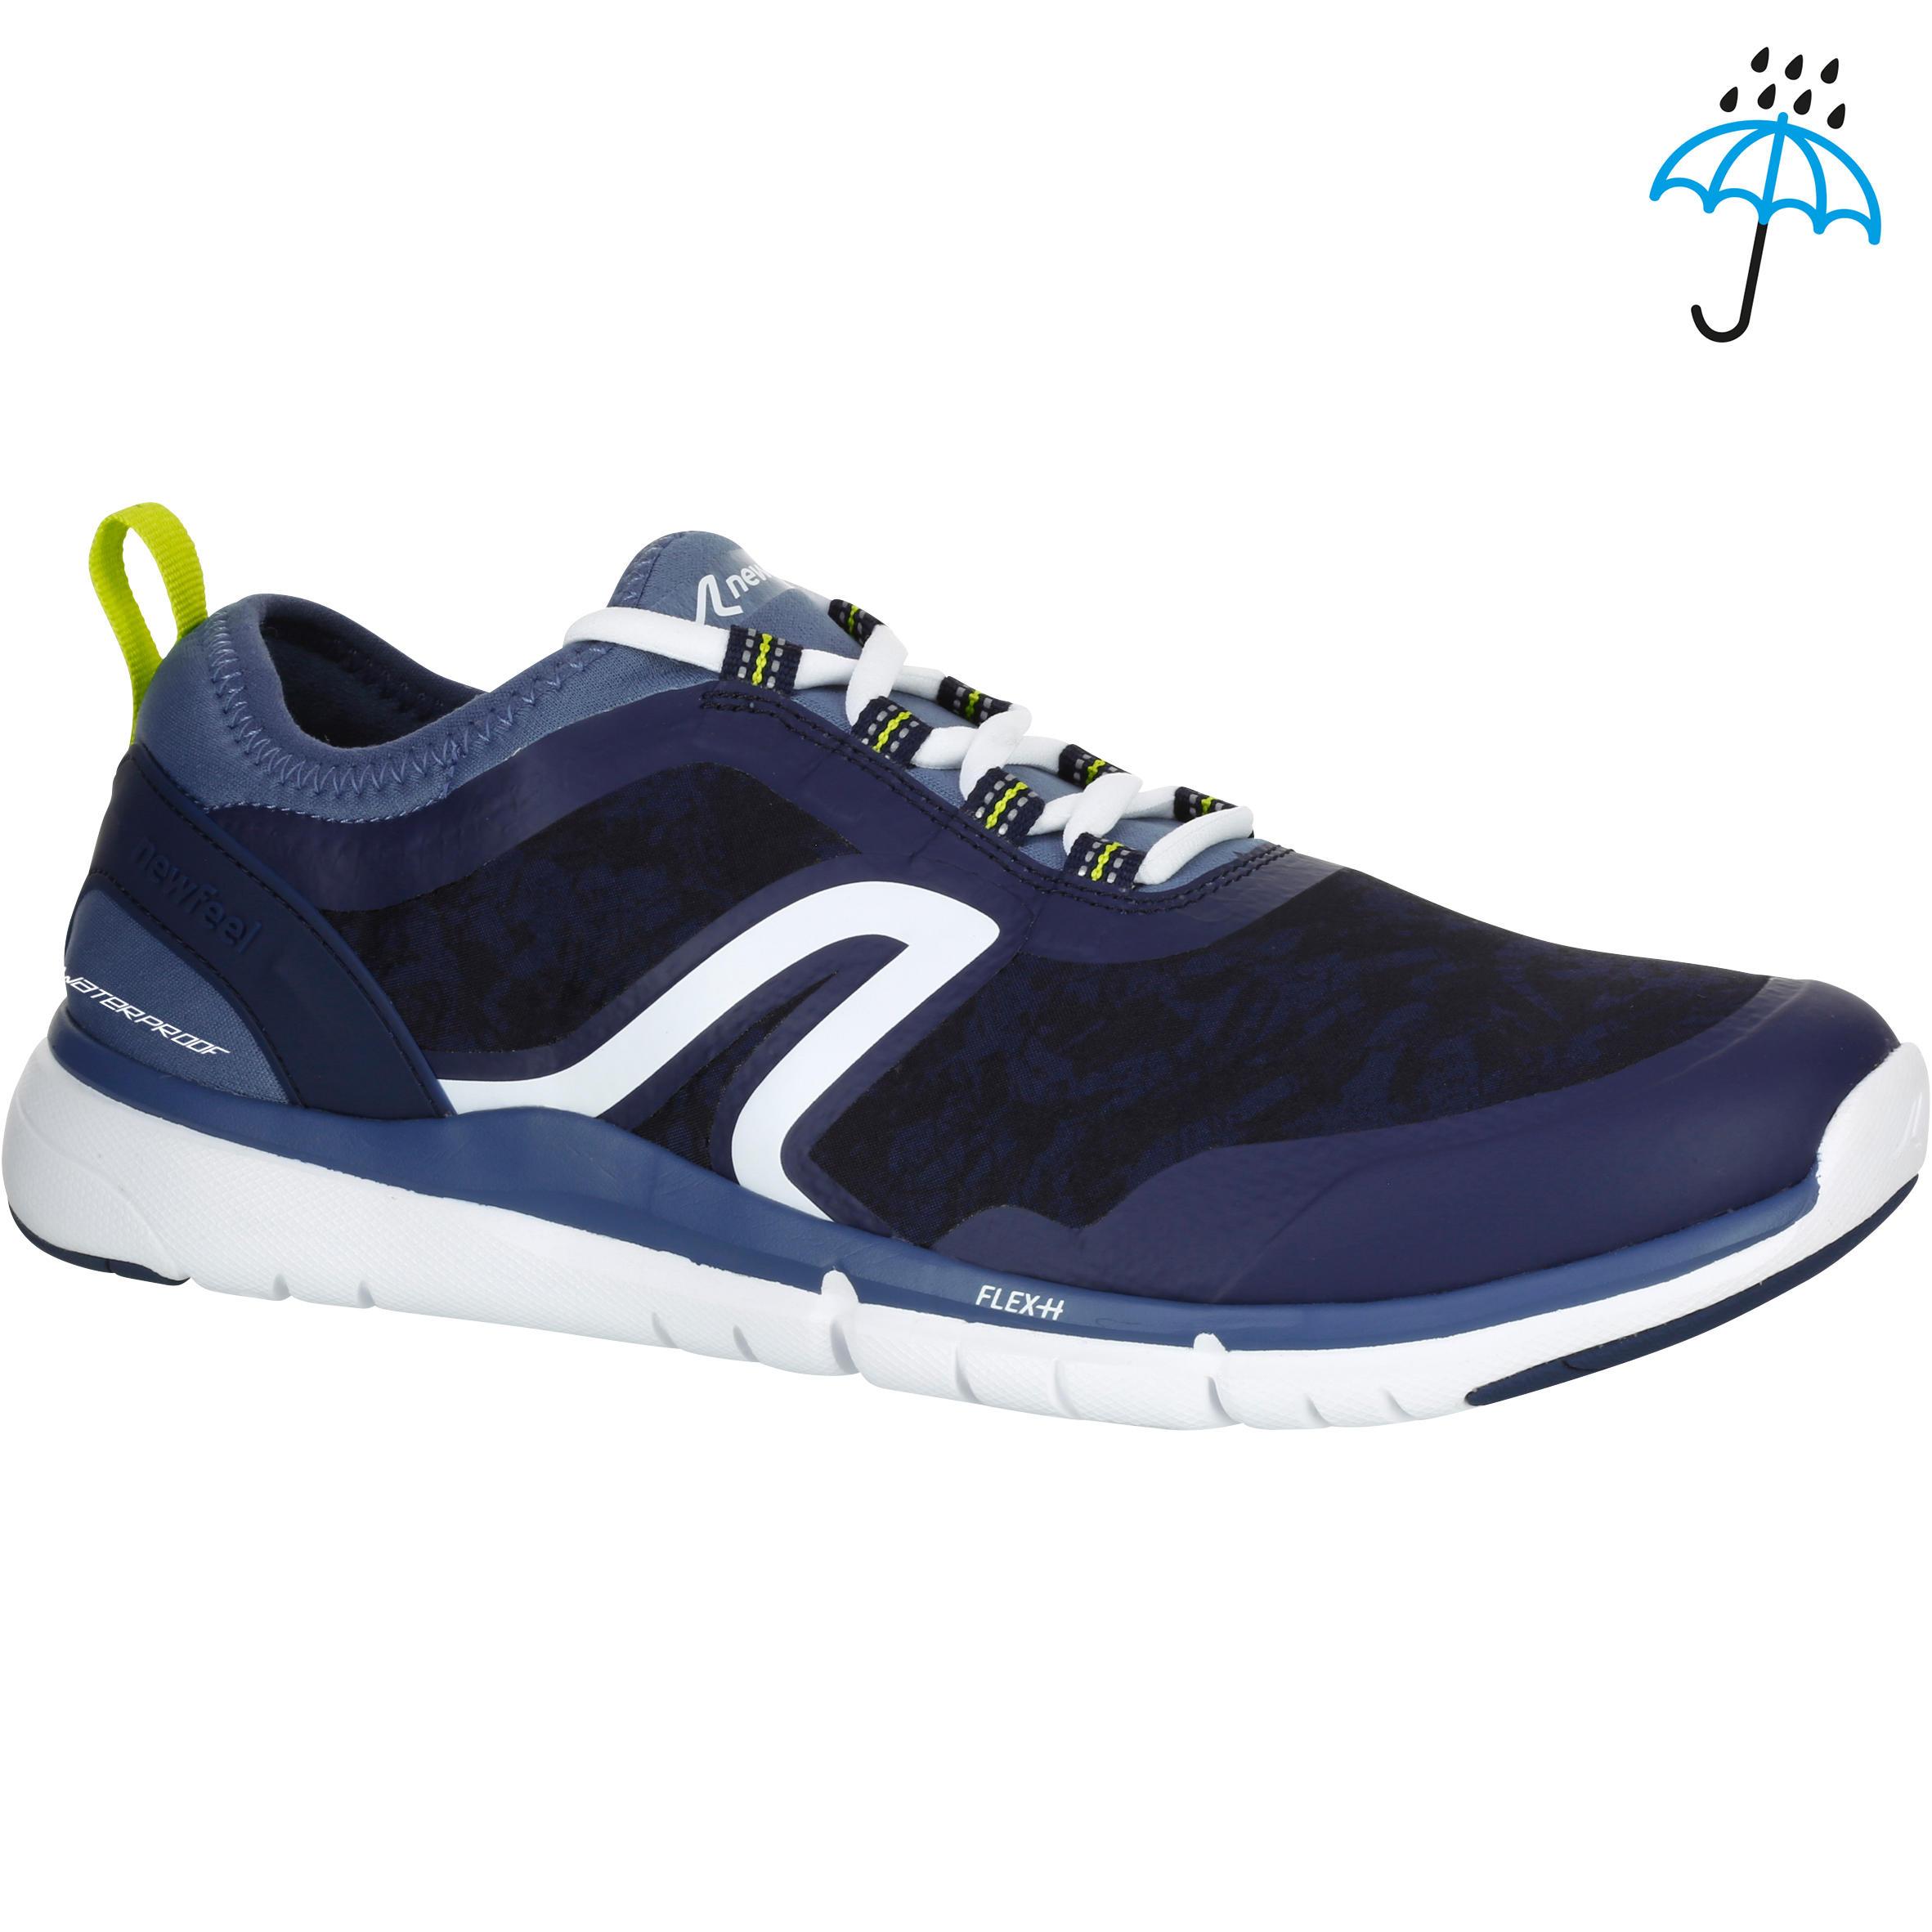 Tenis de caminata deportiva hombre PW 580 Waterproof azul / gris